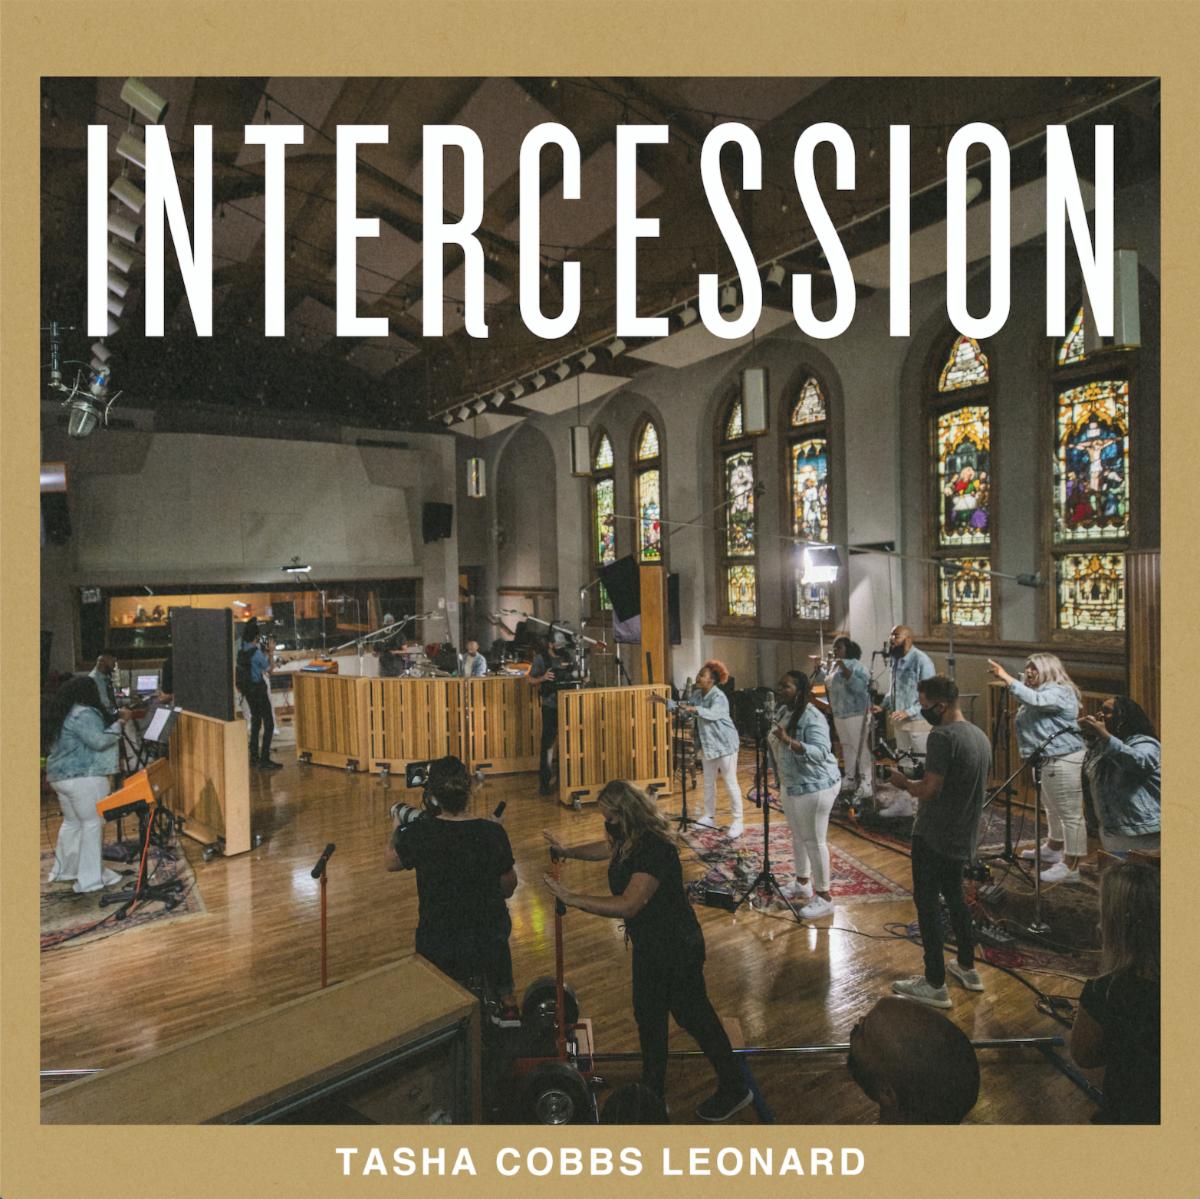 TASHA COBBS LEONARD 'INTERCESSION' EP